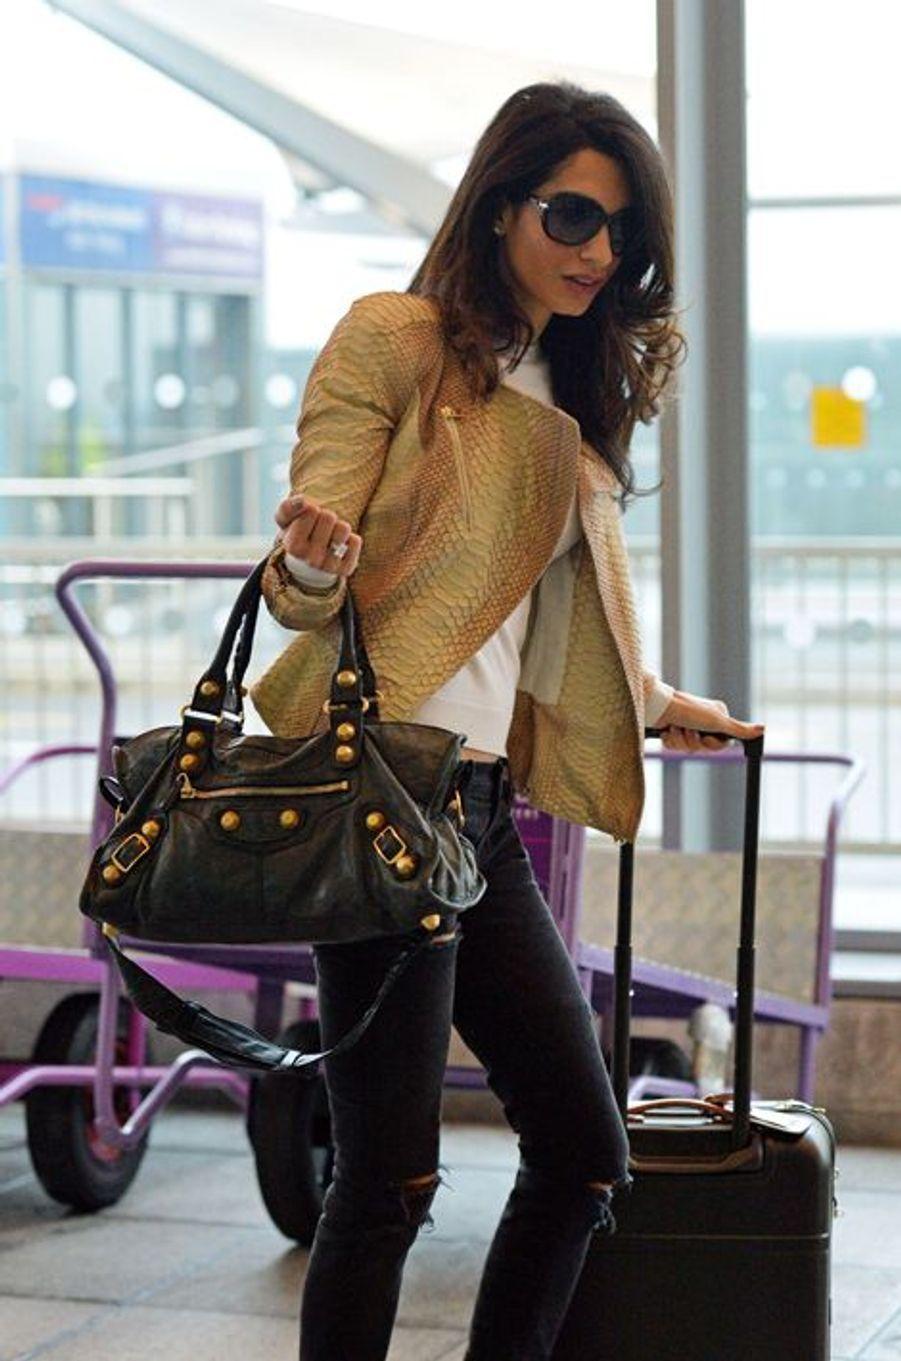 Aux États-Unis pour les fêtes de Thanksgiving, Madame Clooney était apparue à l'aéroport de JFK vêtue d'un perfecto Alexander McQueen (3.060 euros), d'un sac Balenciaga (1.200 euros), d'un jeans Current/Elliott (260 euros). Chic jusqu'au bout du détail, elle avait également embarqué une valise Bellagio (835 euros). Coût total : 5.355 euros.